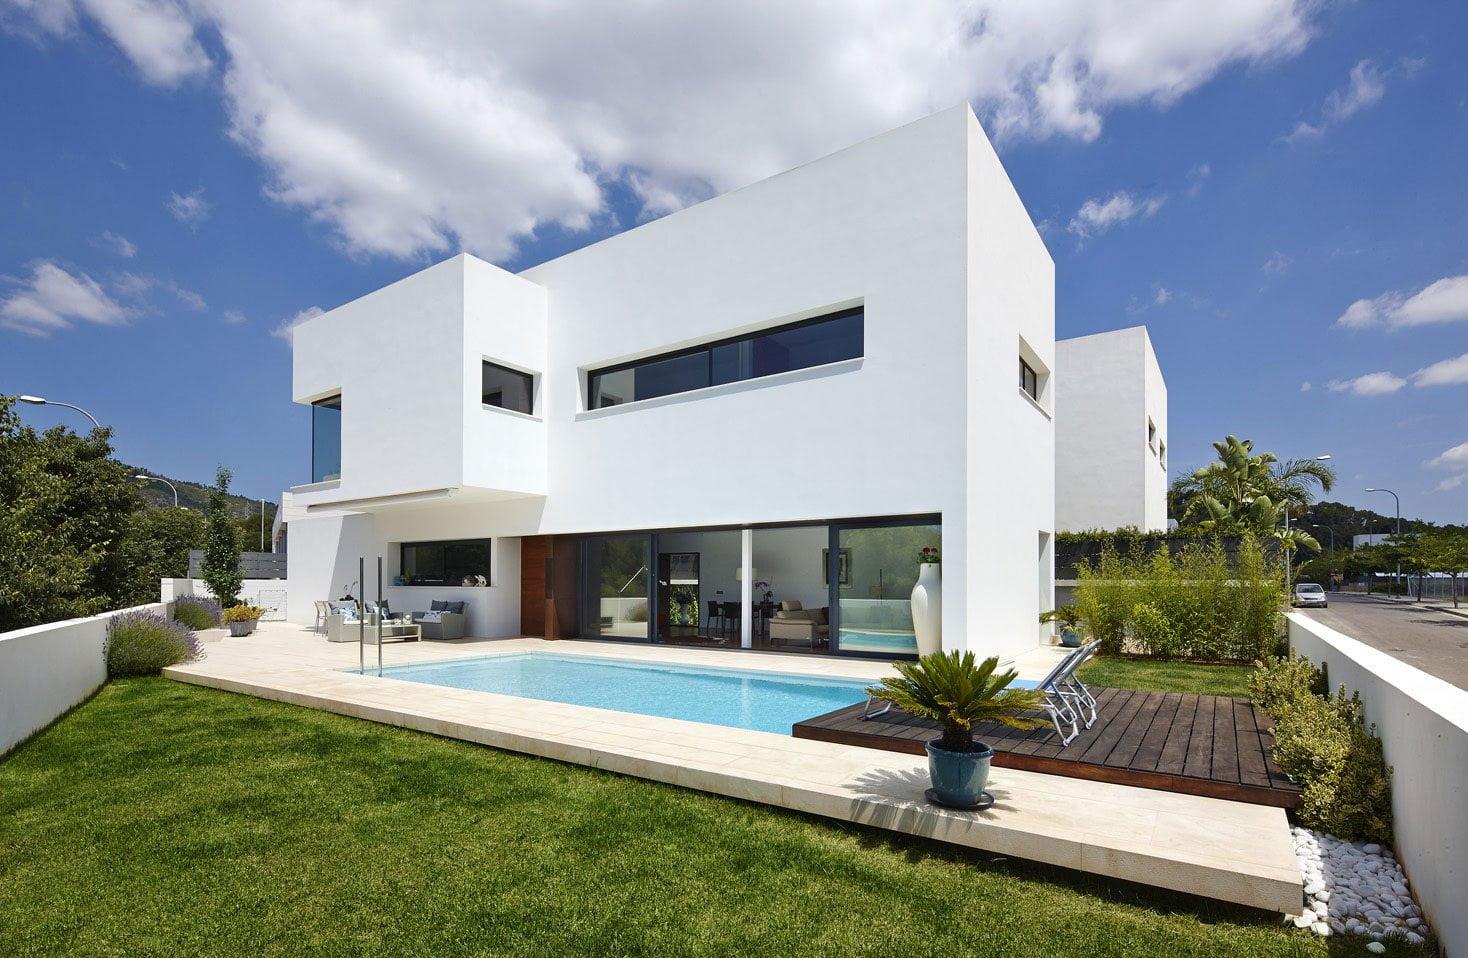 diseño de casa de 2 niveles con piscina - constructora paramount